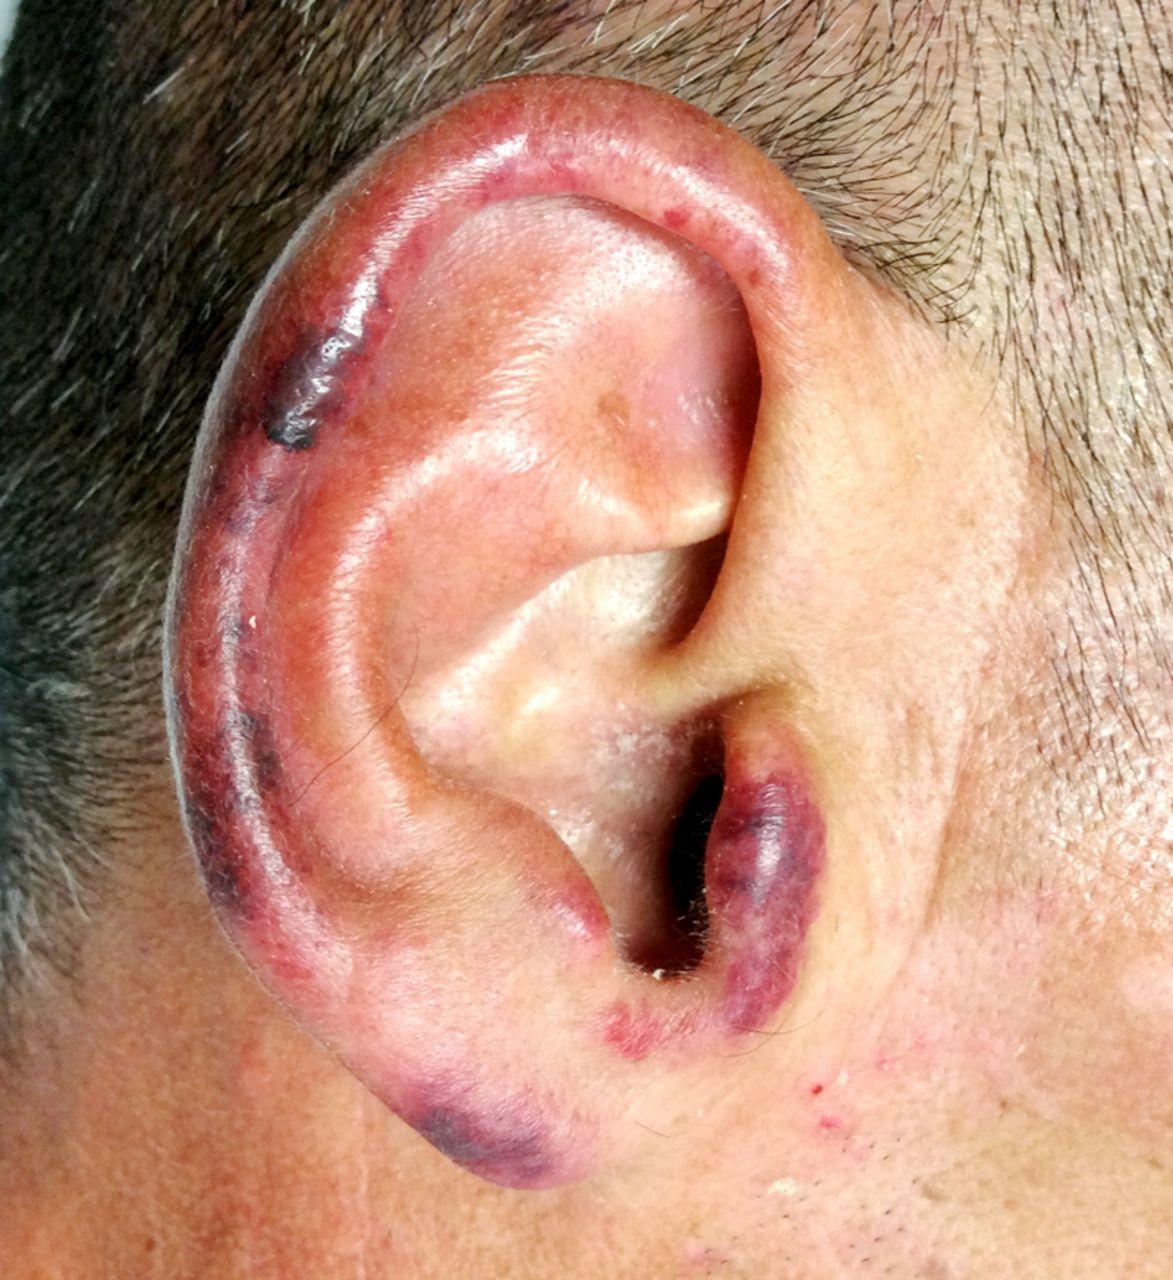 Levamisole-adulterated cocaine: a case of retiform purpura